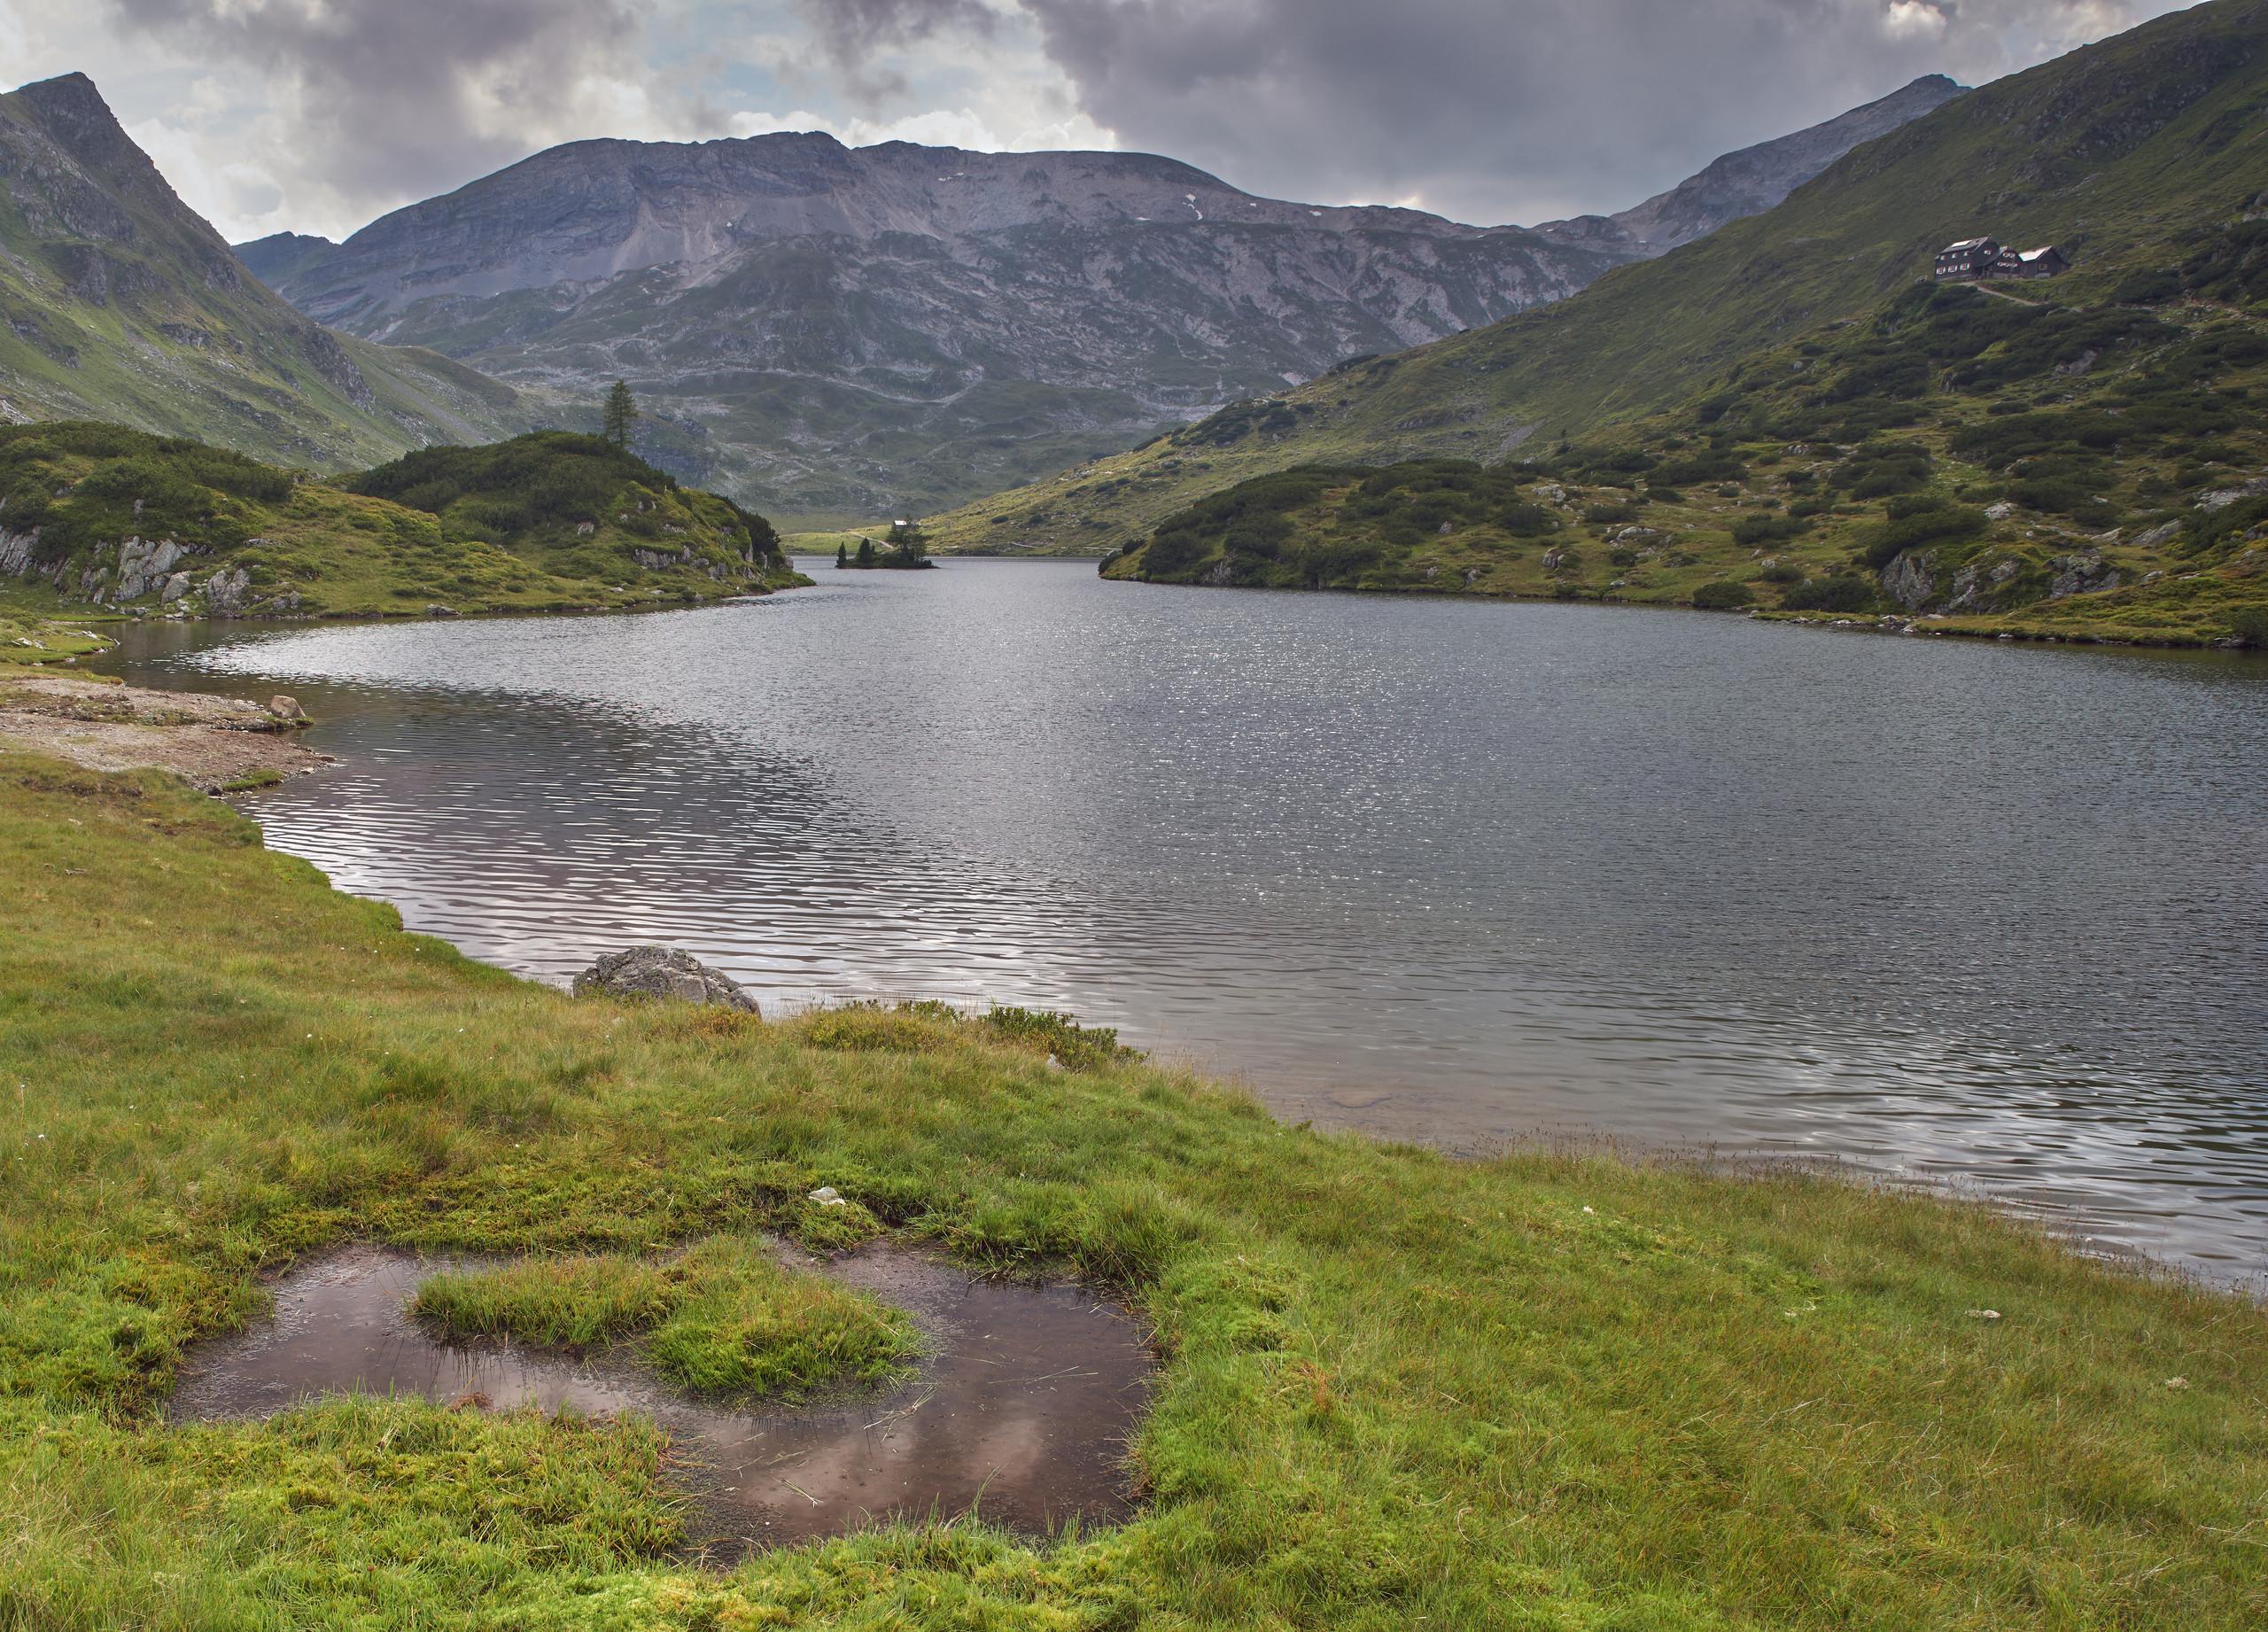 Der Giglachsee mit der Steirischen Kalkspitze. Rechts oben die Ignaz-Mattis Hütte